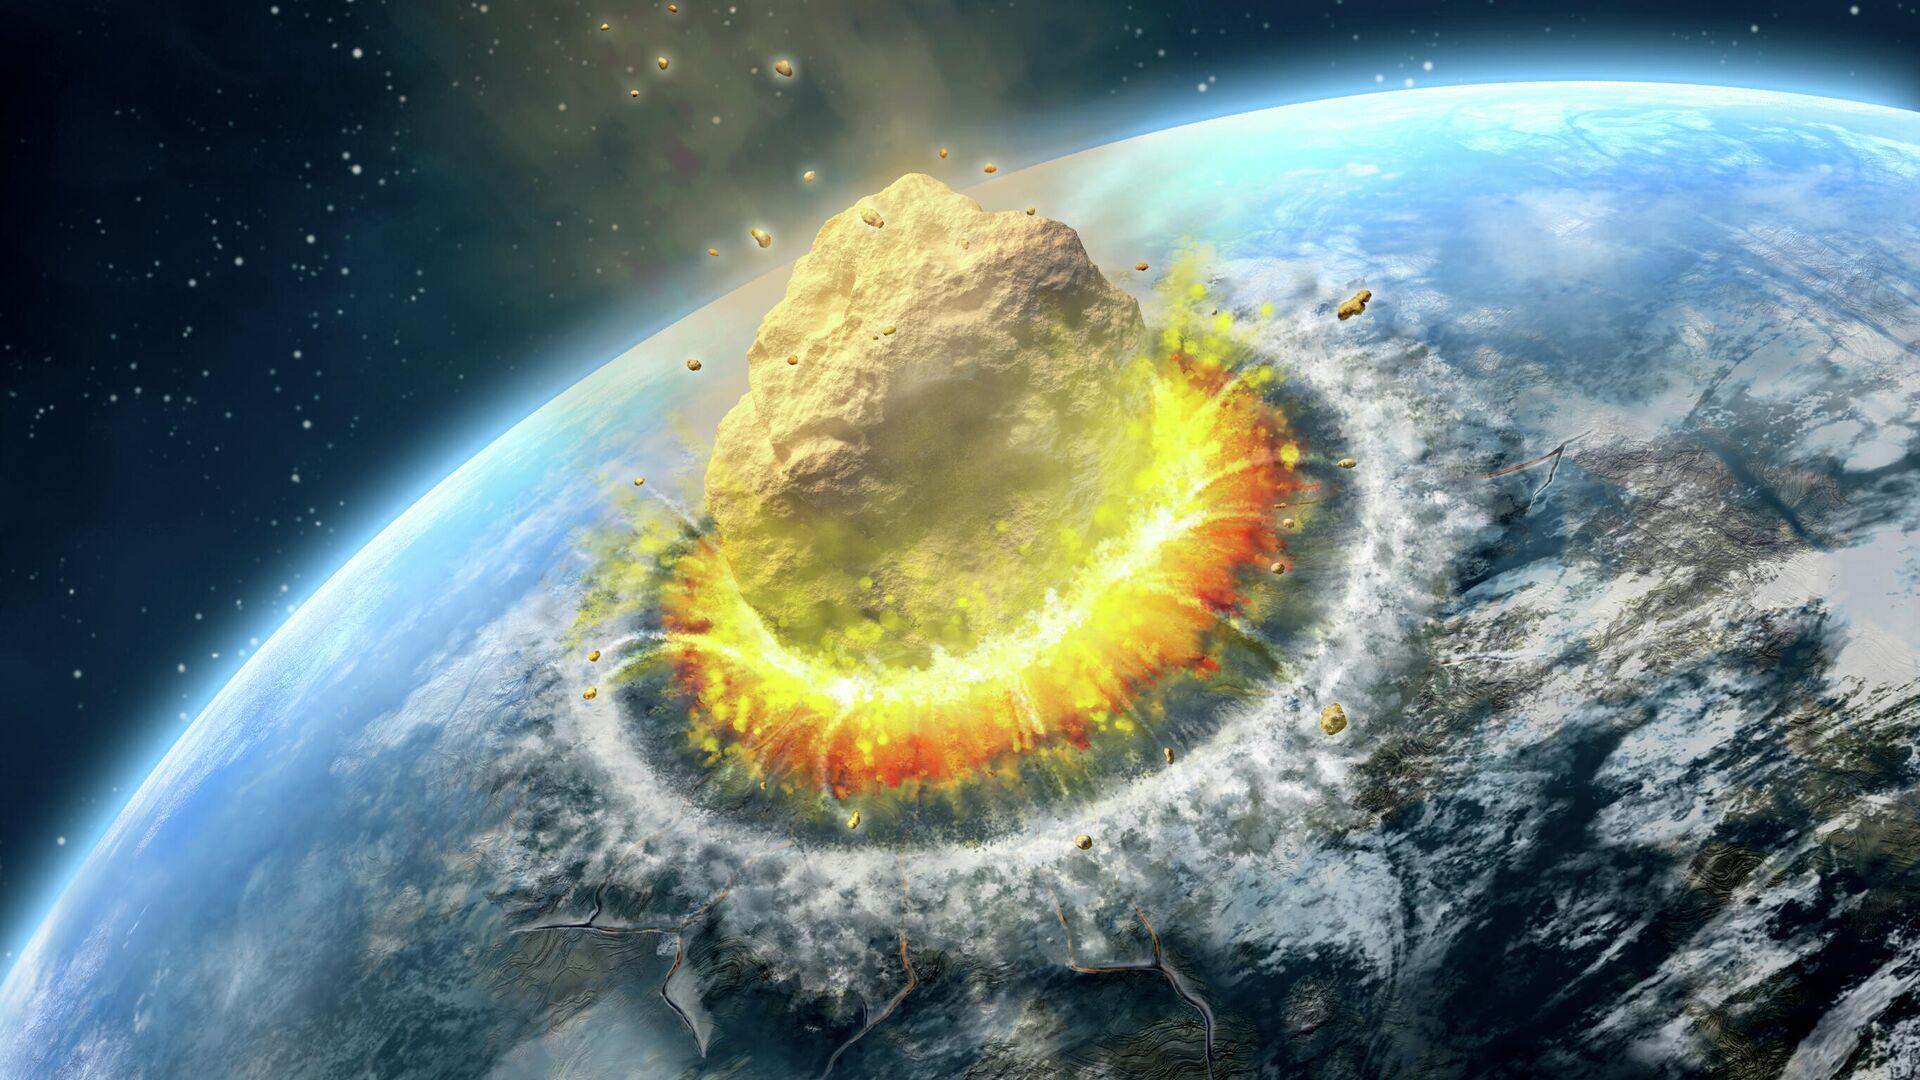 Столкновение астероида с Землей - РИА Новости, 1920, 07.09.2020